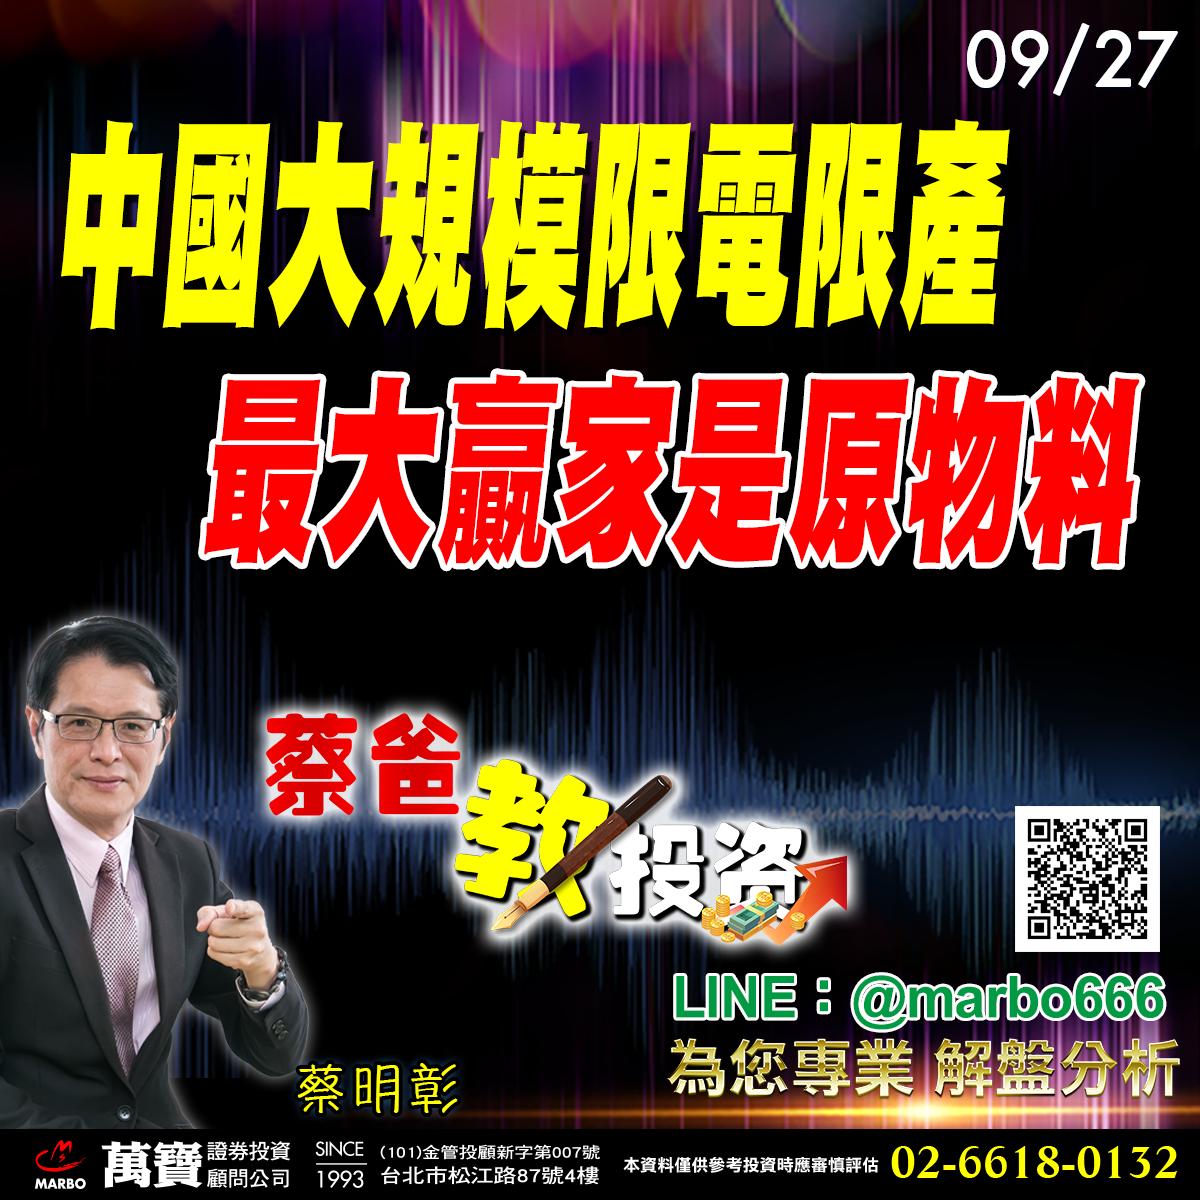 EP145 中國大規模限電限產,最大贏家是原物料_蔡明彰_2021_09_27